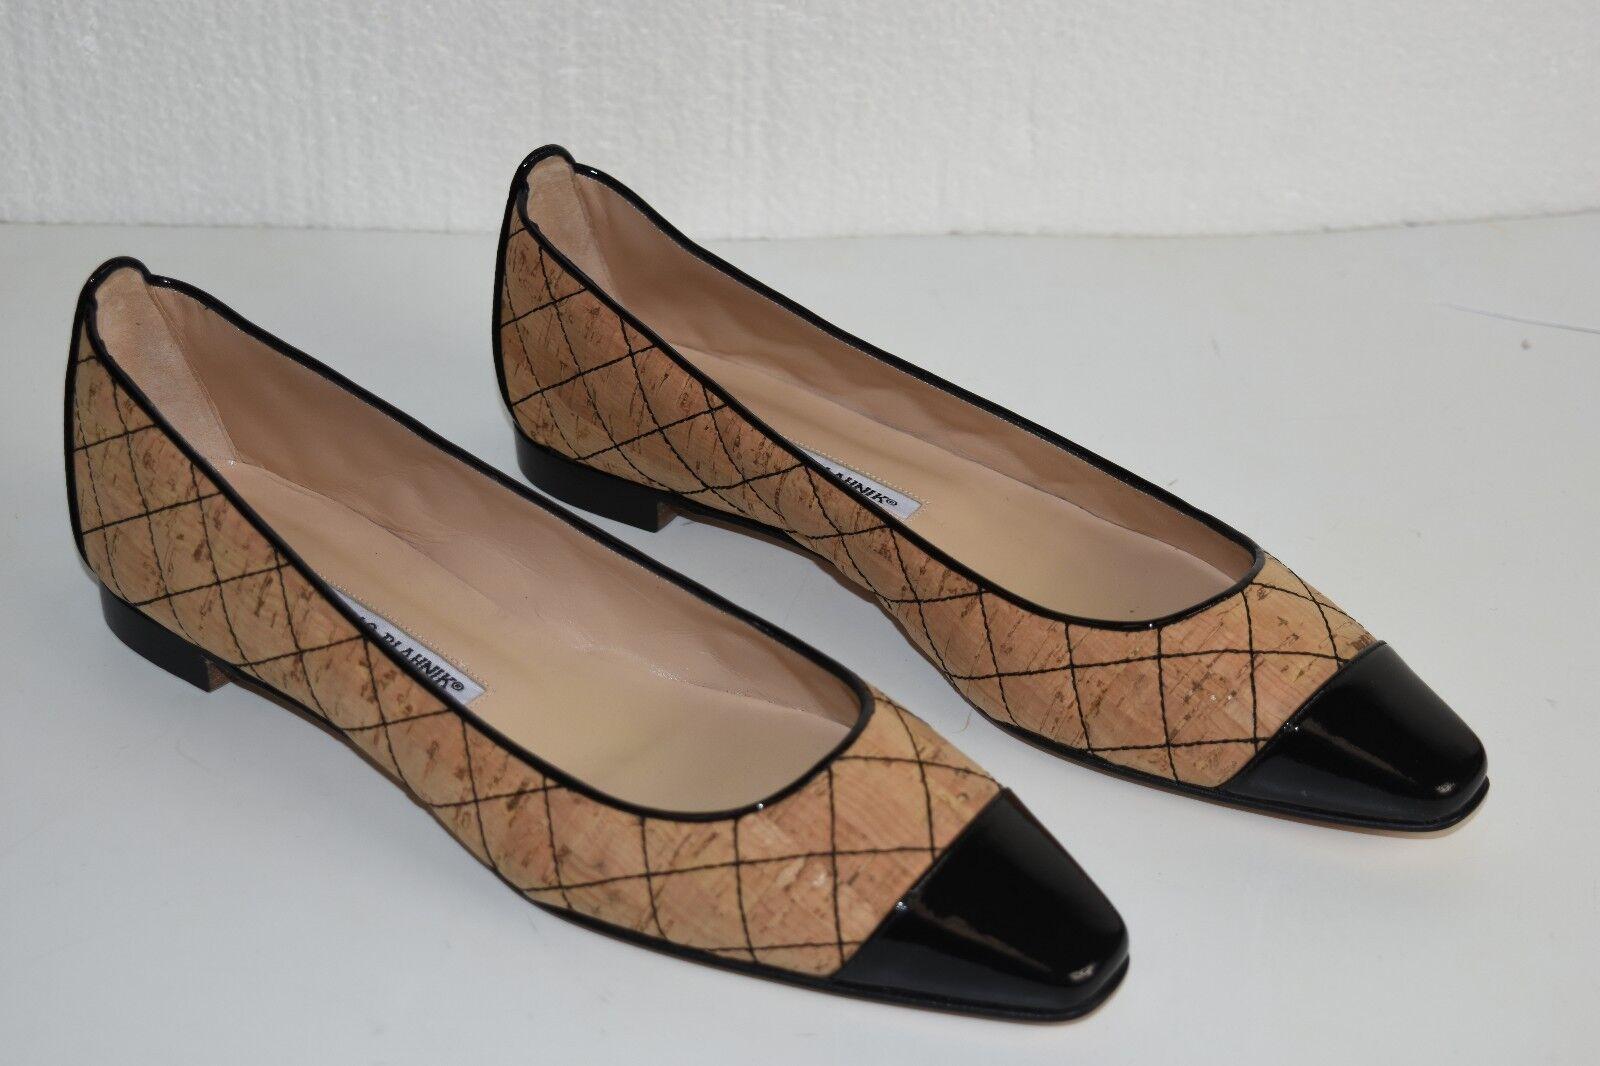 Nuovo maniolo blahnik giunglaca trapuntato sughero tappo  nero piedi piatte scarpe  classico senza tempo